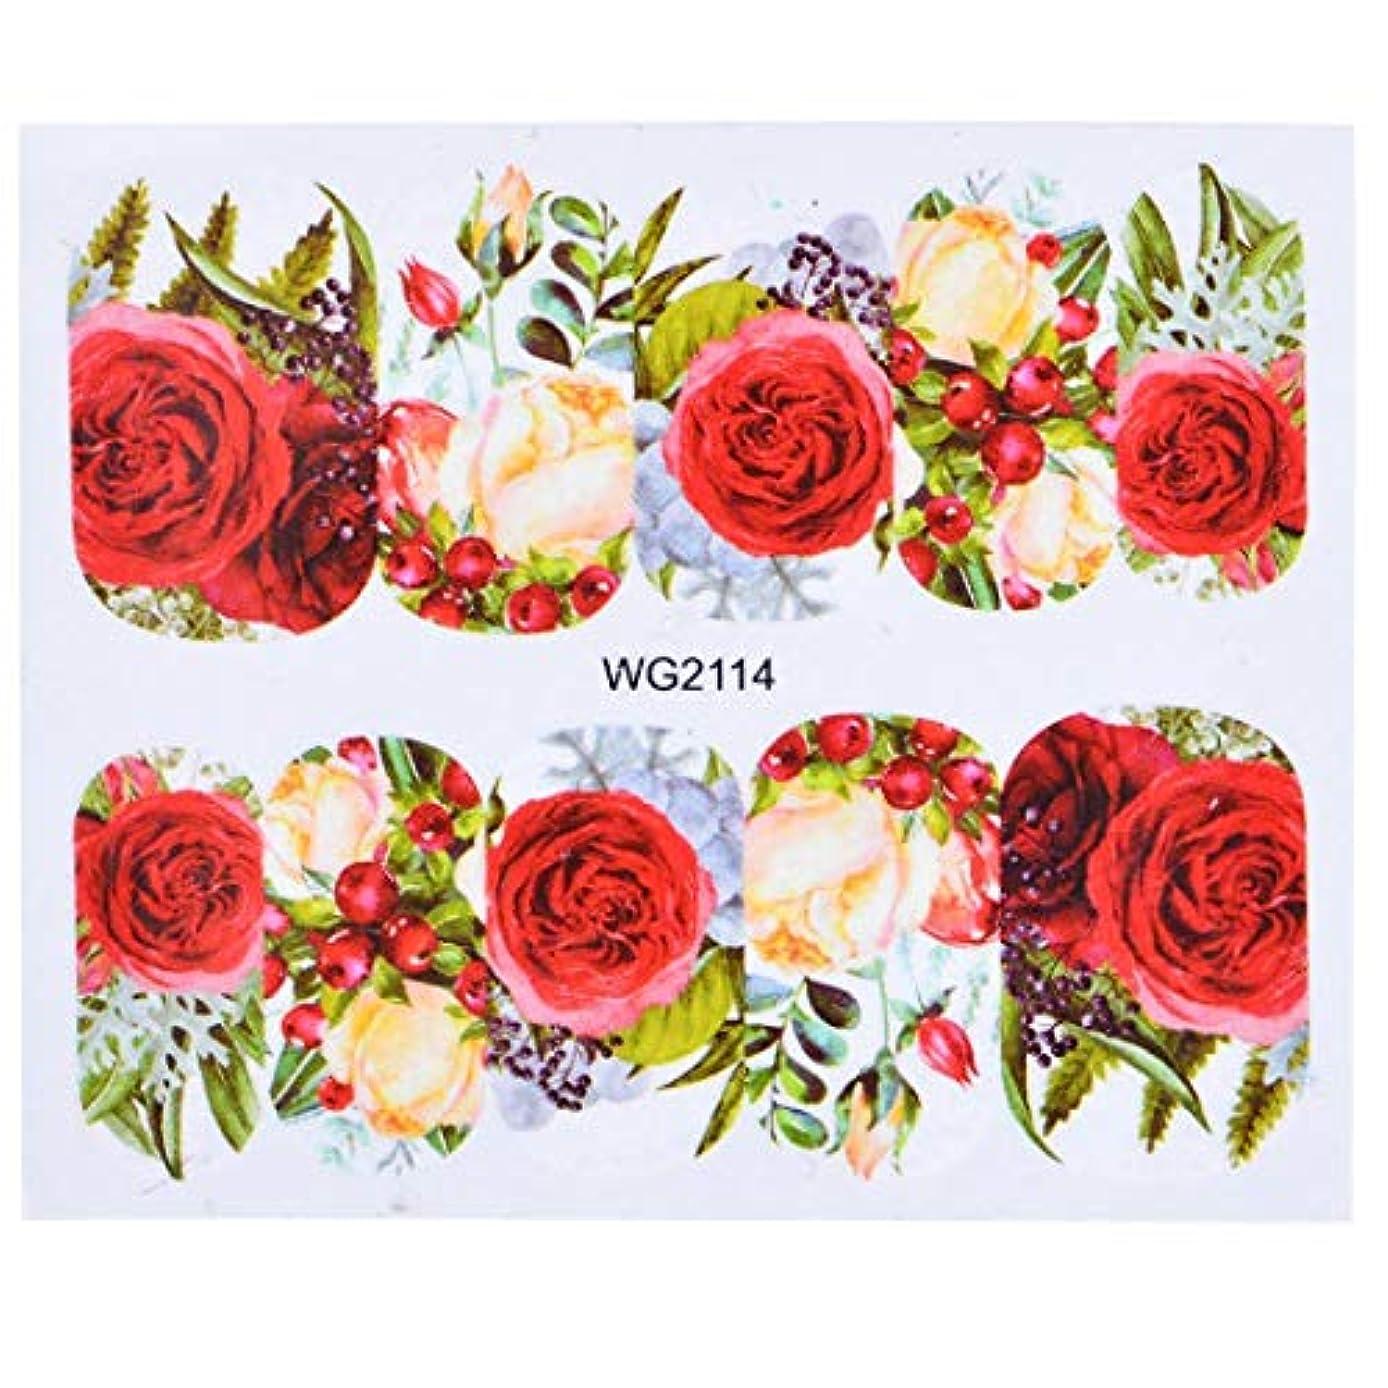 座標蛾道徳教育SUKTI&XIAO ネイルステッカー 1枚の美しいロマンチックなステッカー赤いスカートの女の子のネイルアートデザインマニキュア水転写デカールのヒントマニキュア、Wg2114